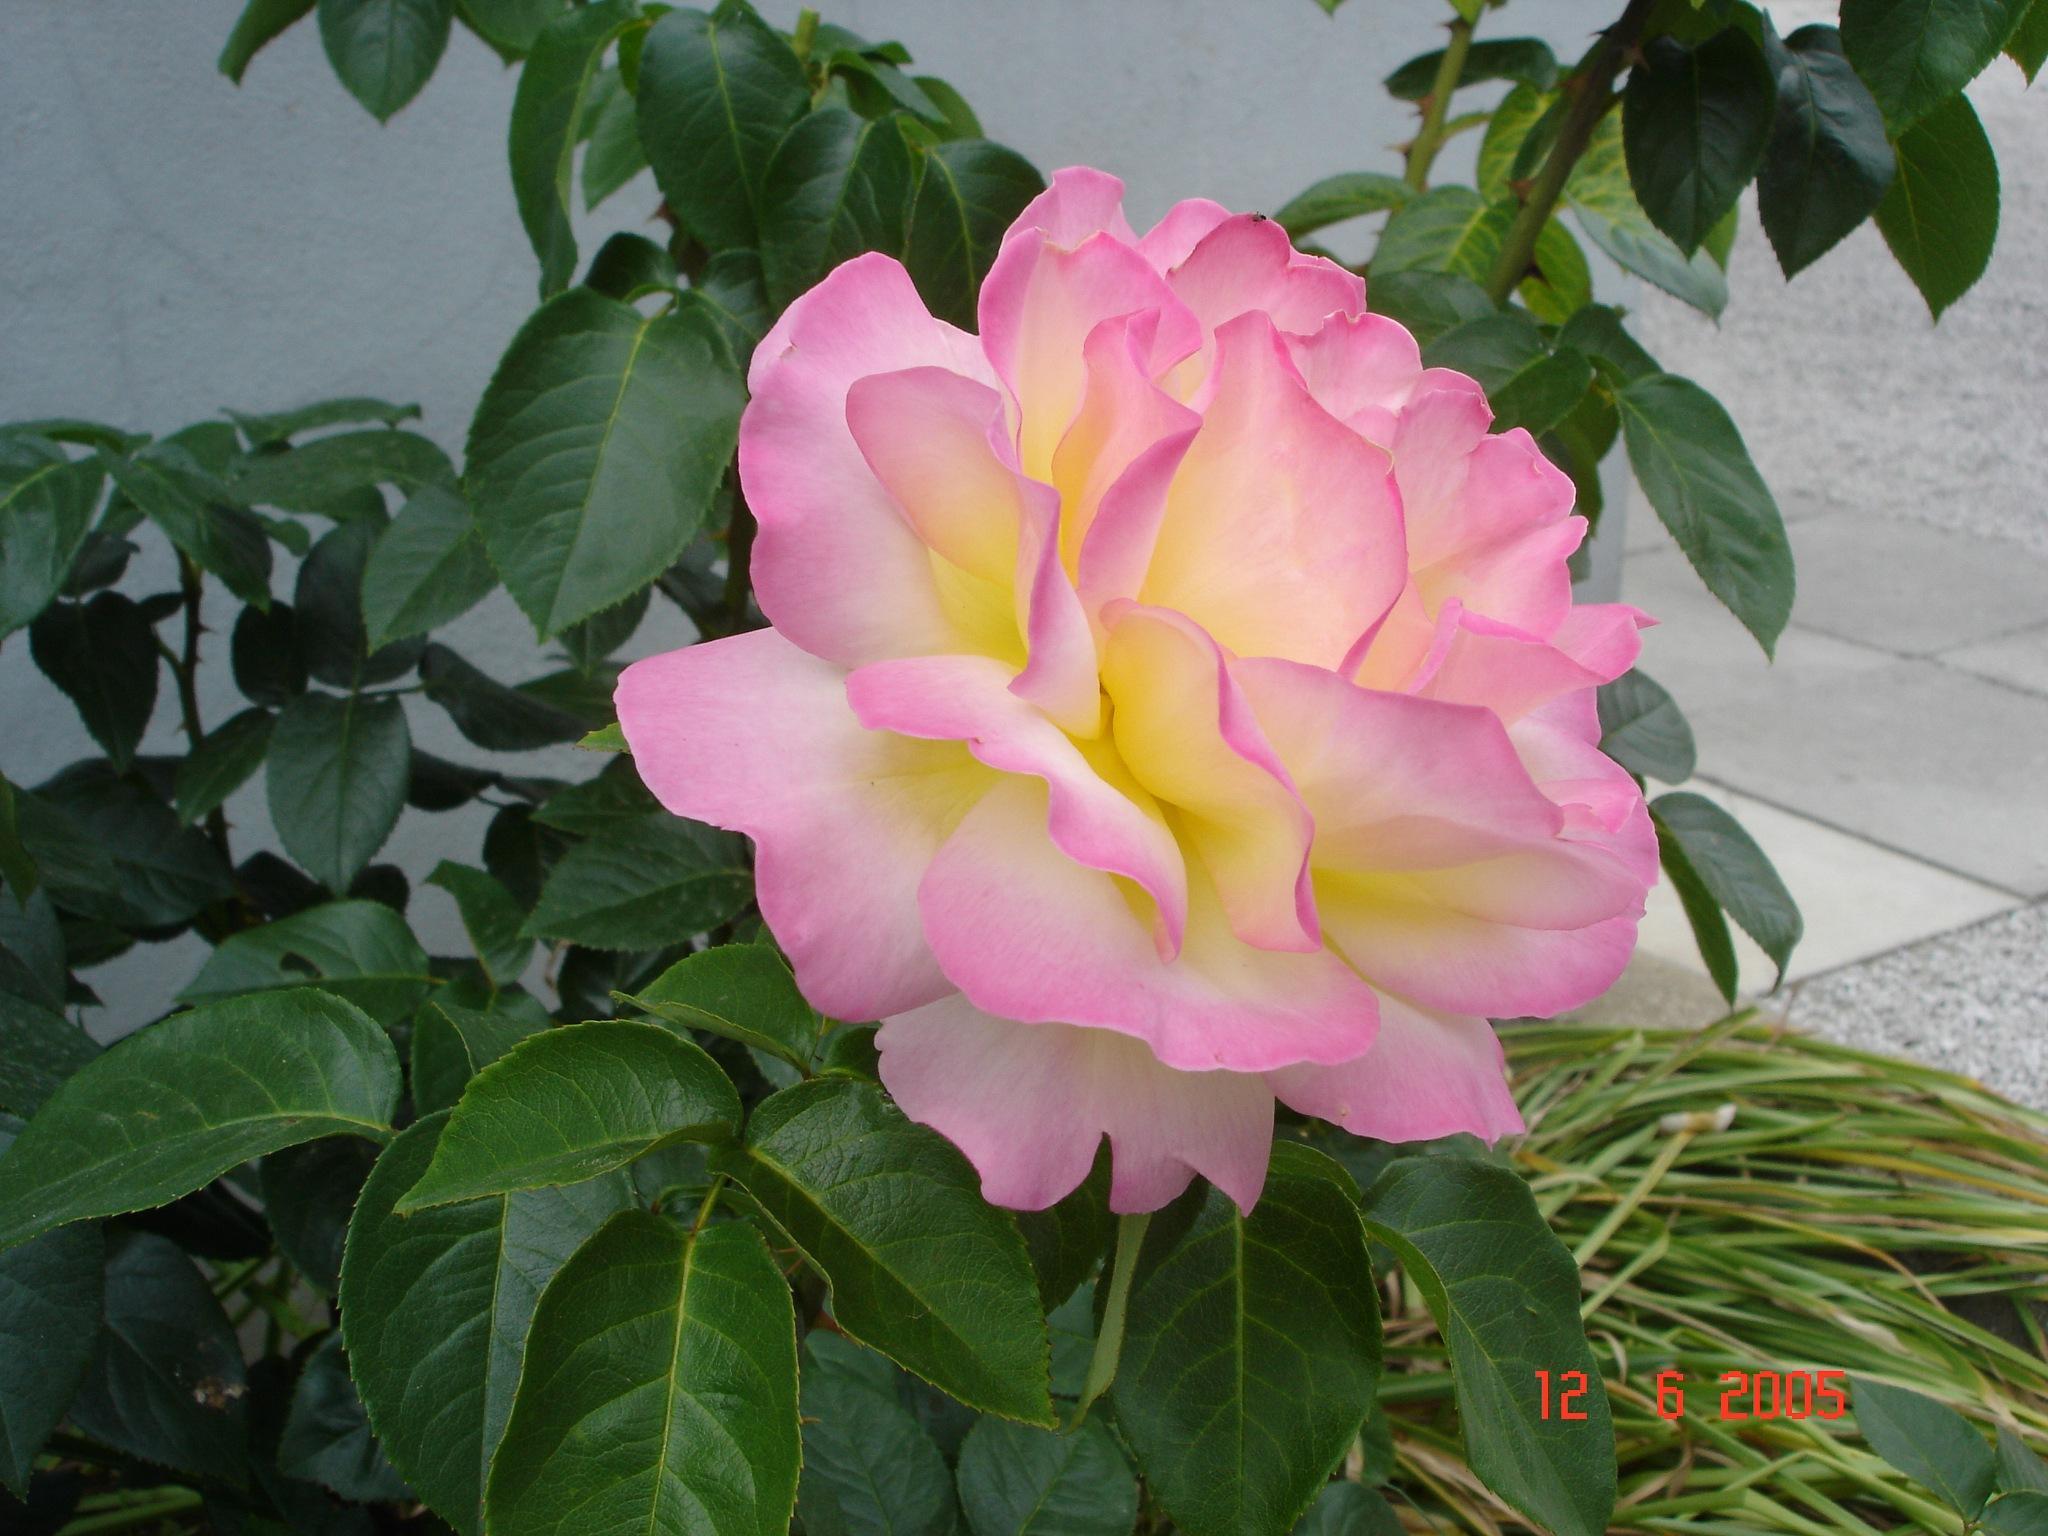 Rose by zvnktomasevic